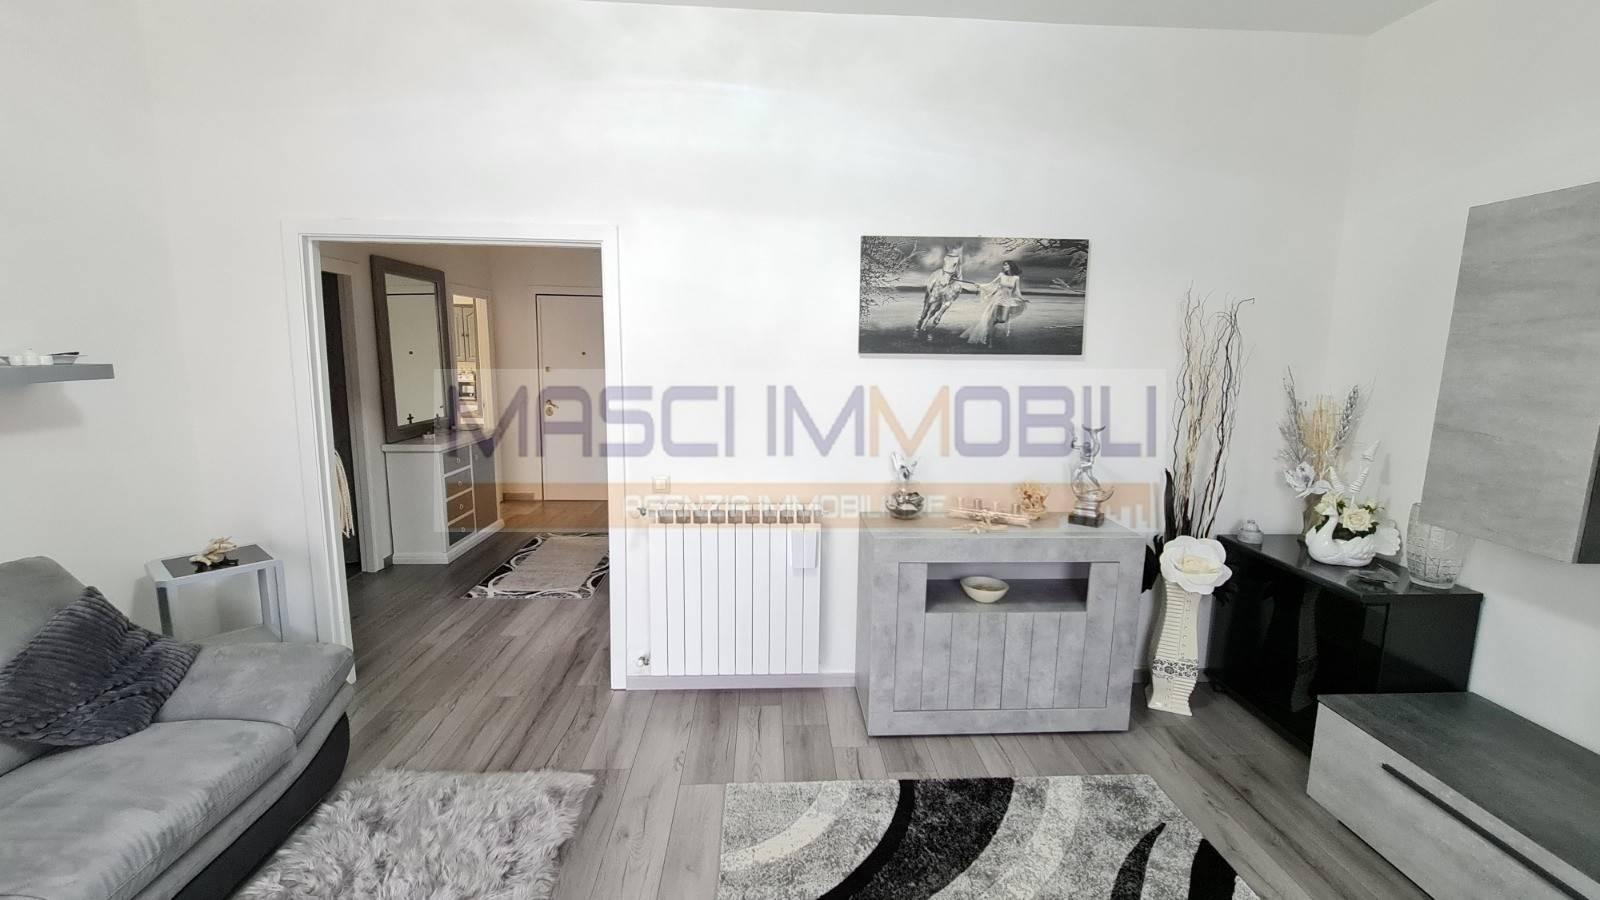 Appartamento in vendita a Civitella San Paolo, 3 locali, prezzo € 90.000   CambioCasa.it